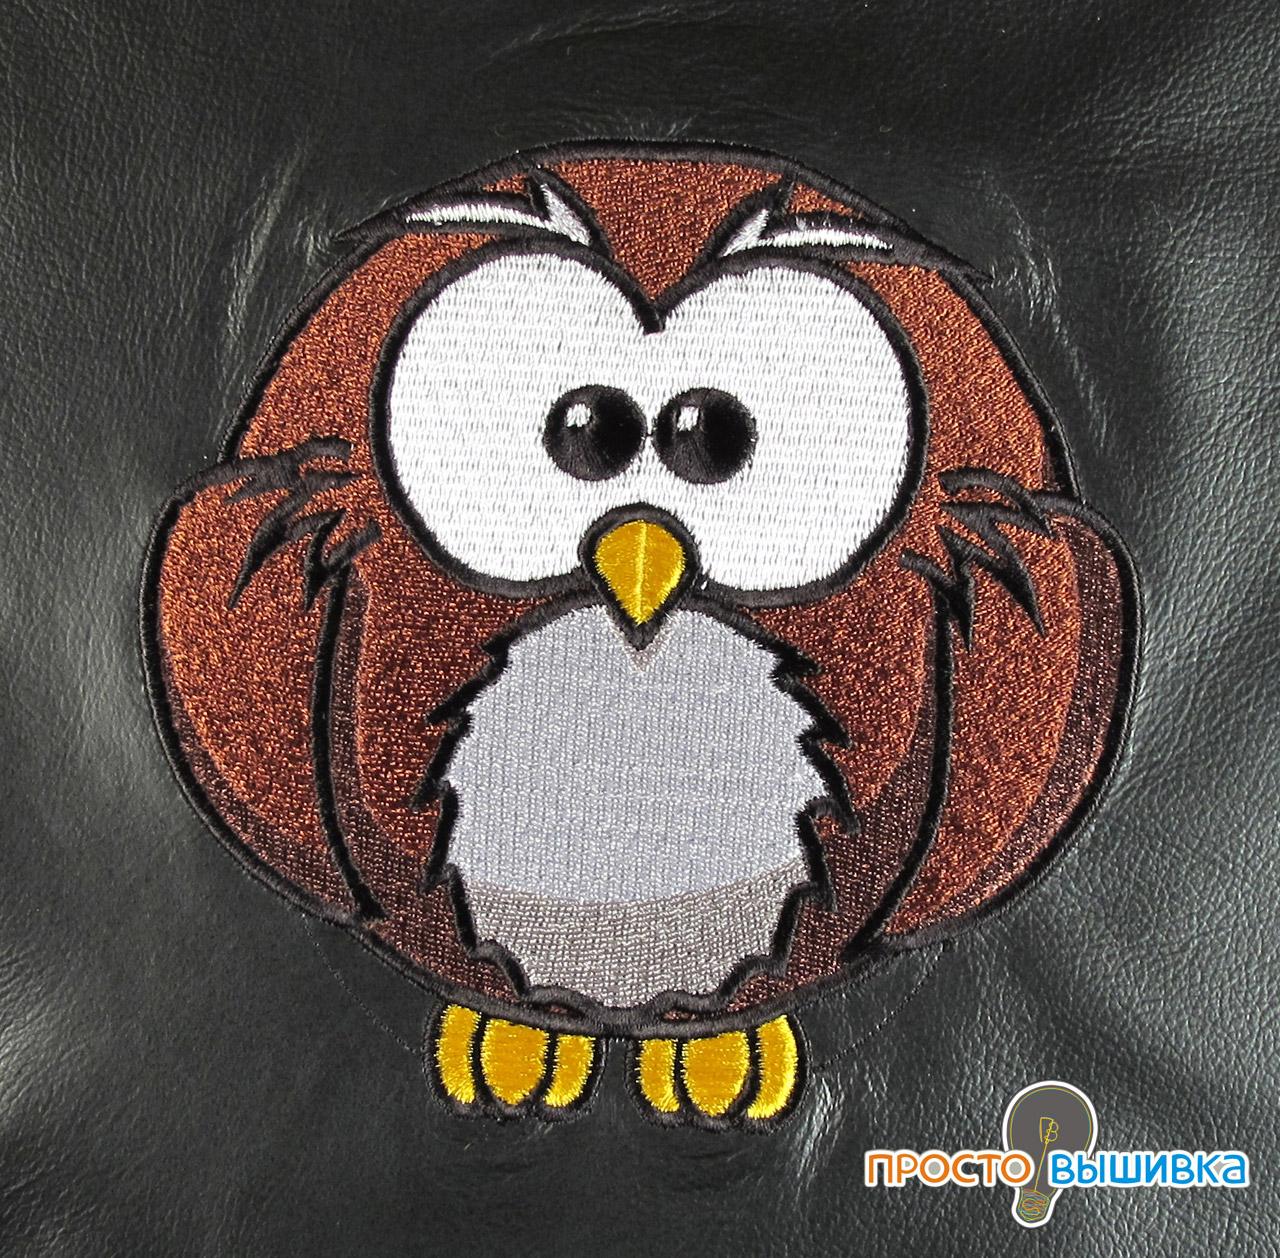 Машинная вышивка совы